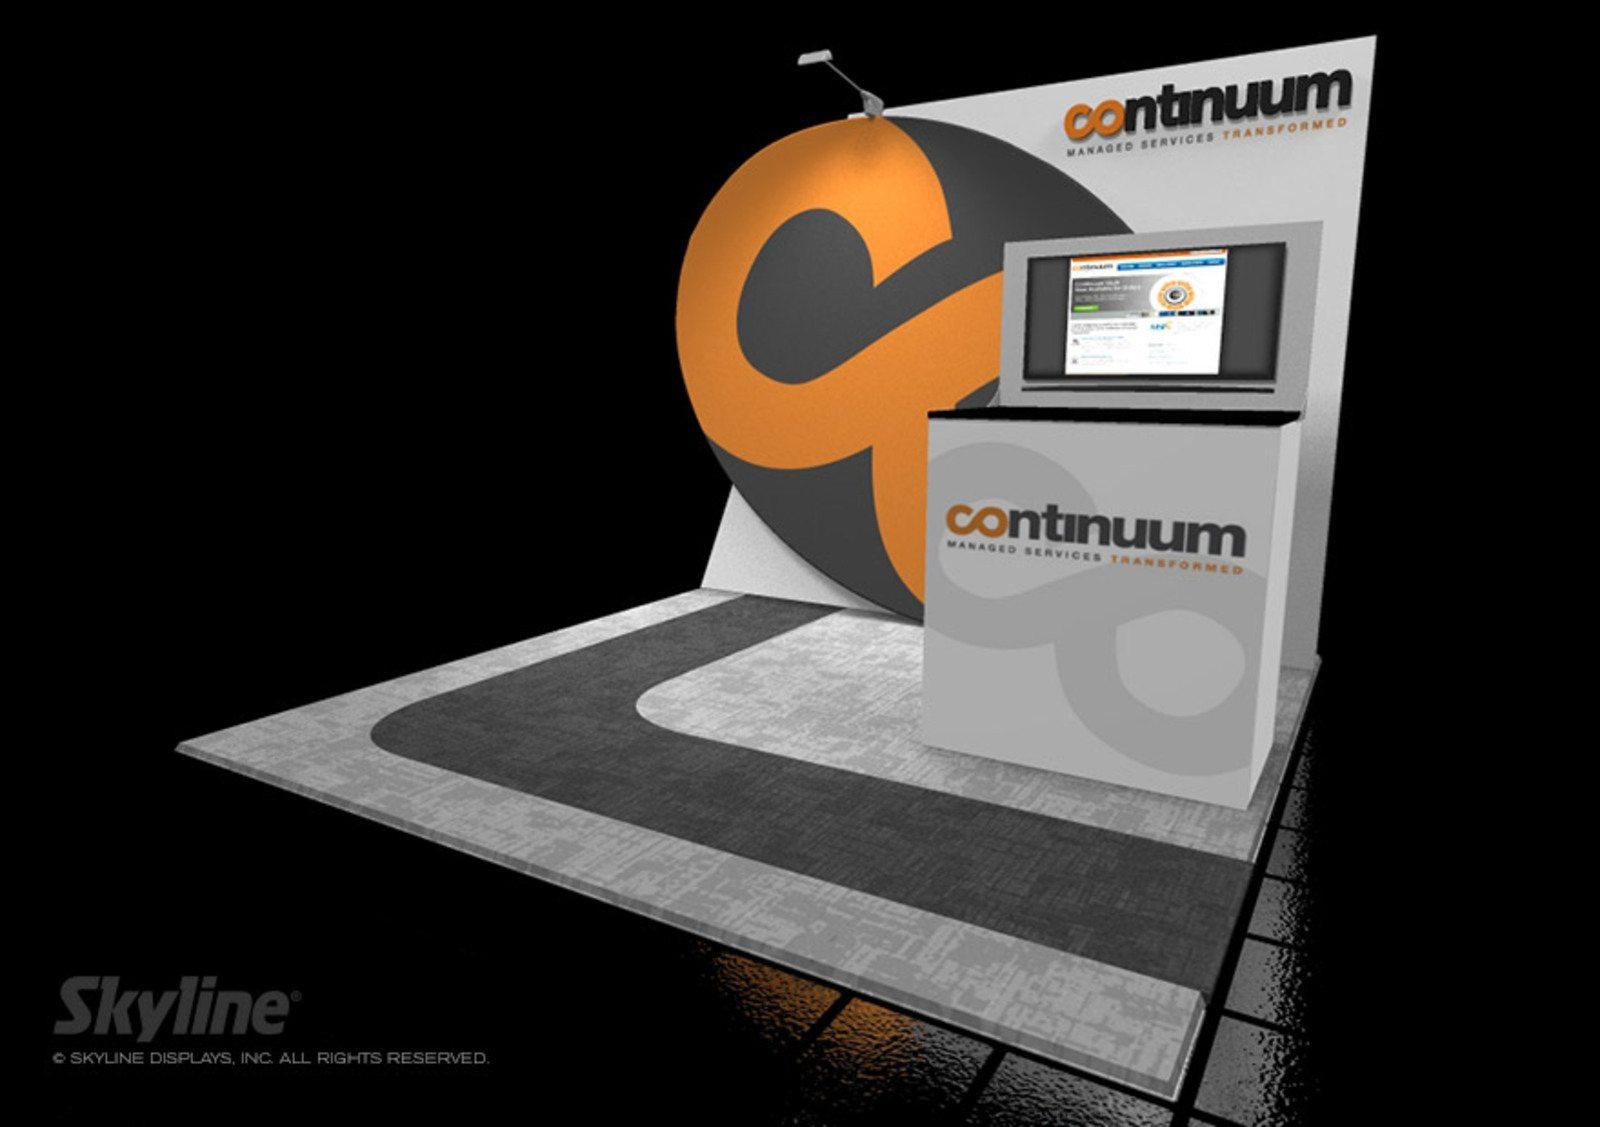 continuum_10x10_1